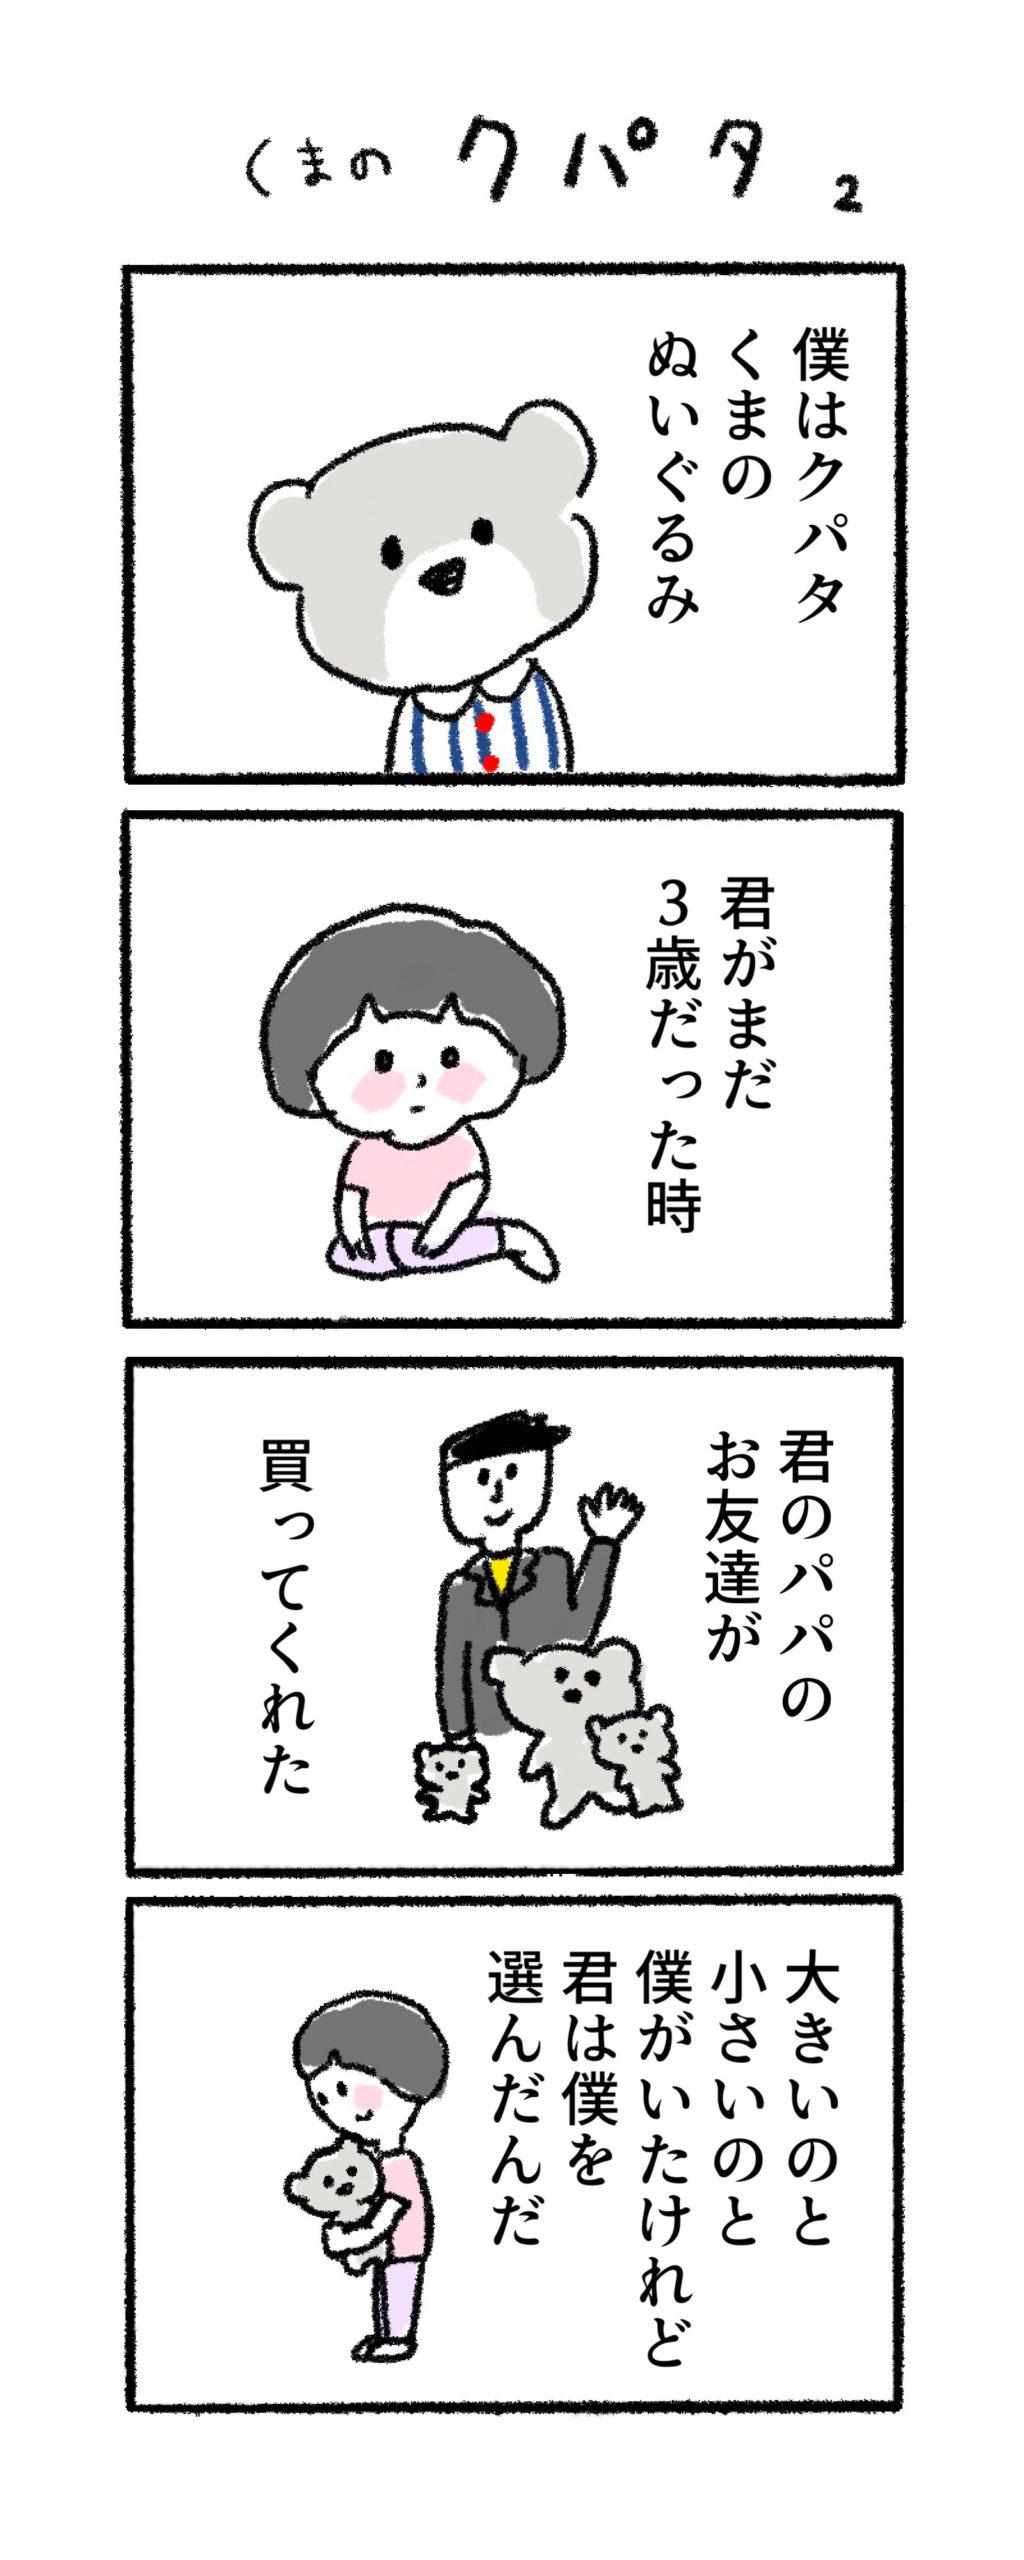 四コマ漫画 くまのクパタ かわいい イラスト